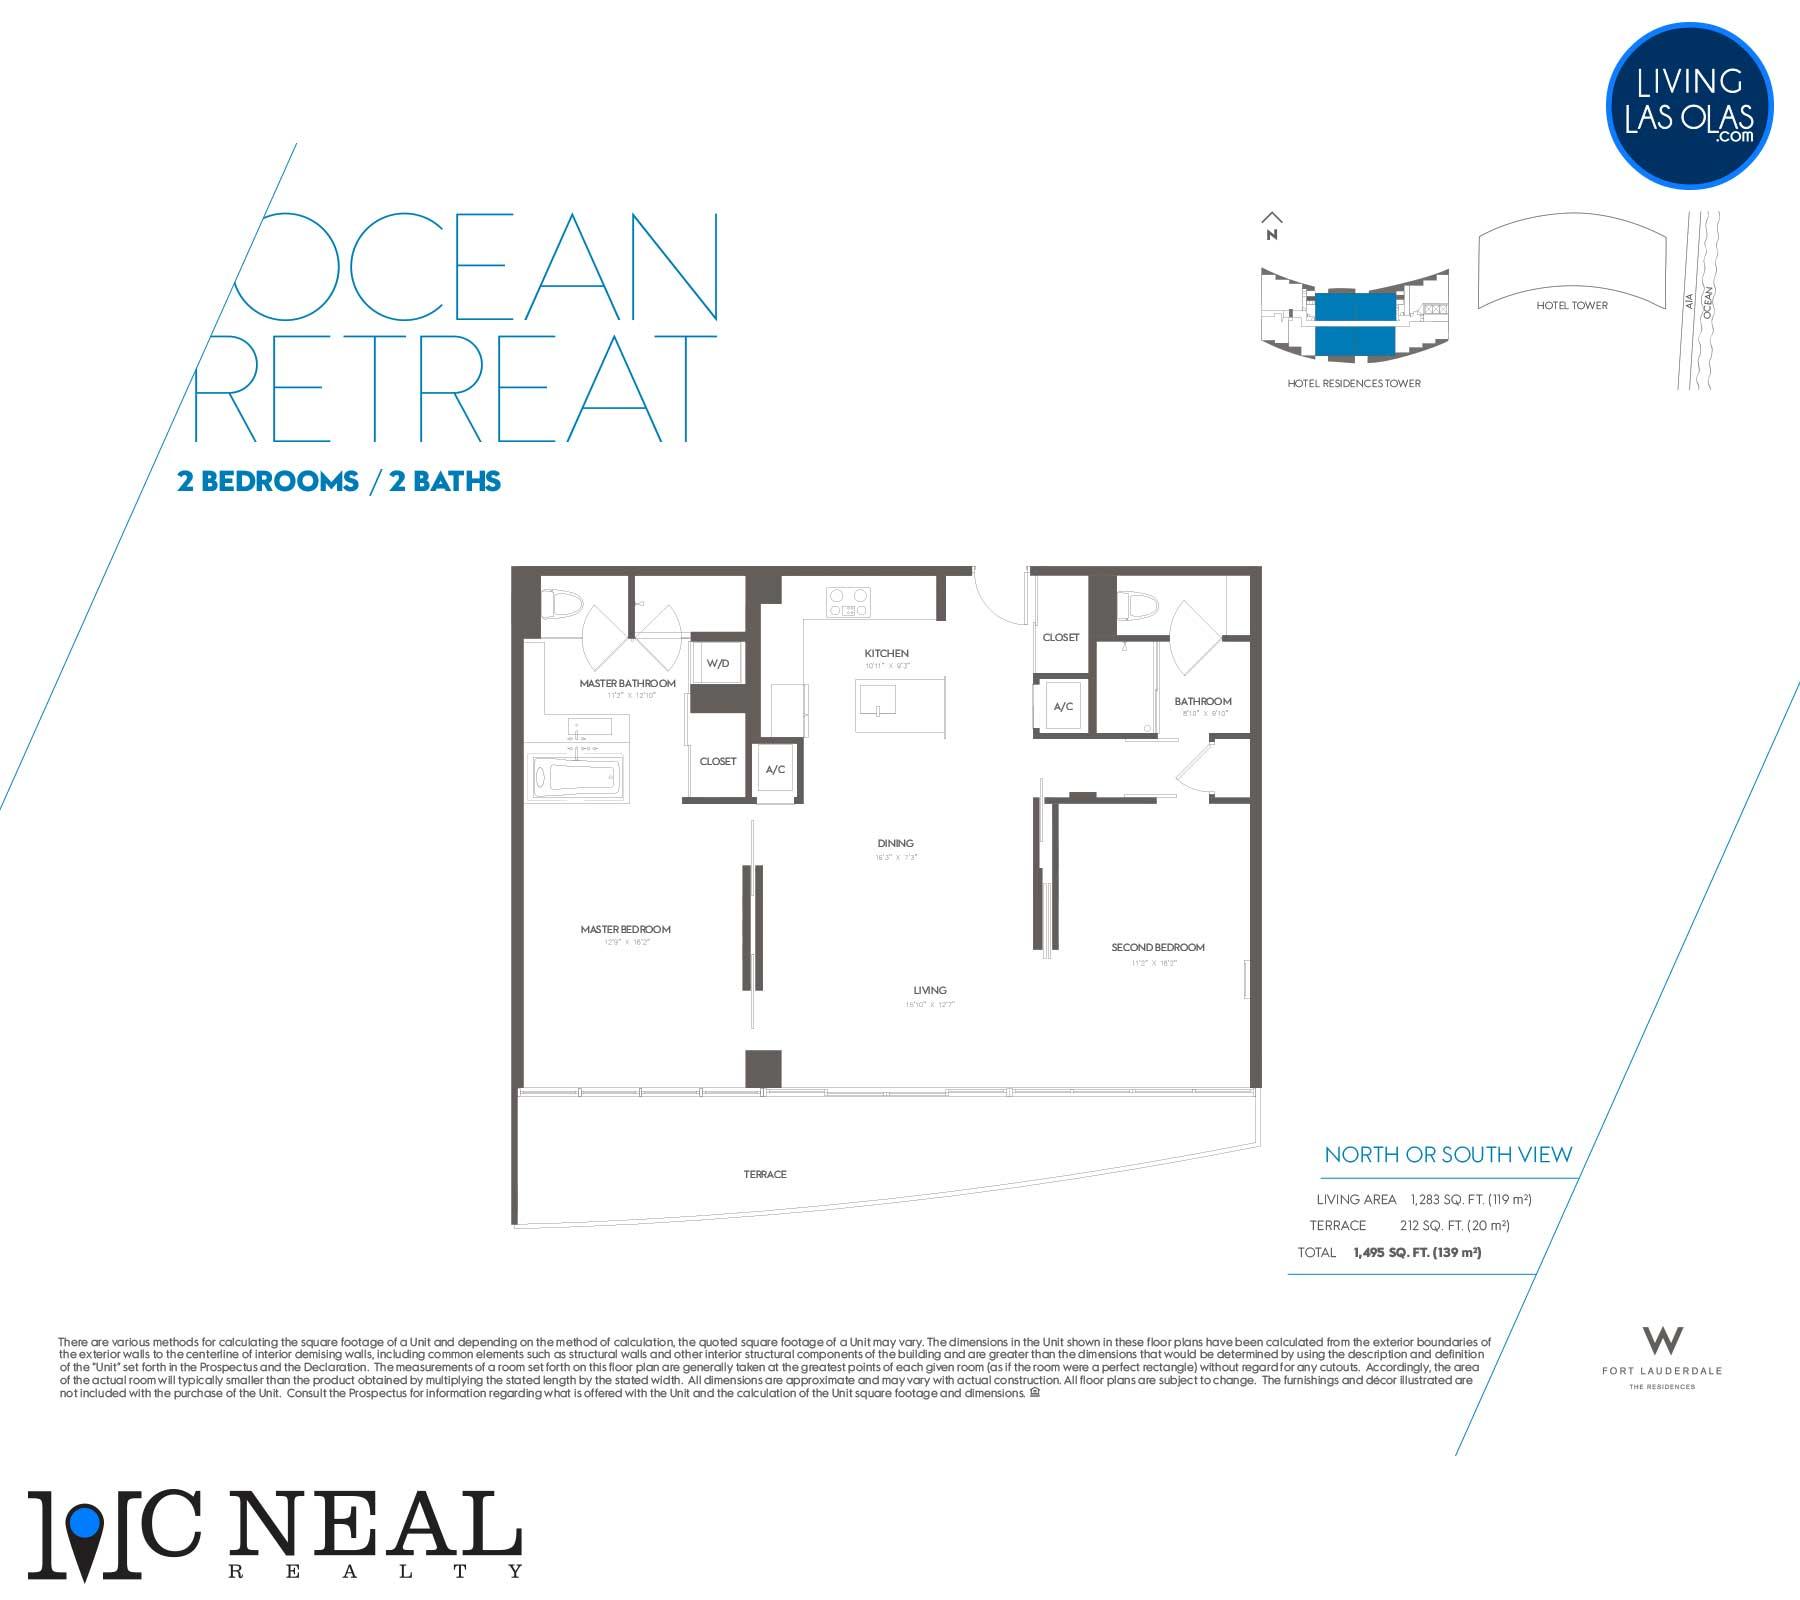 W Residences Fort Lauderdale Floor Plans Ocean Retreat